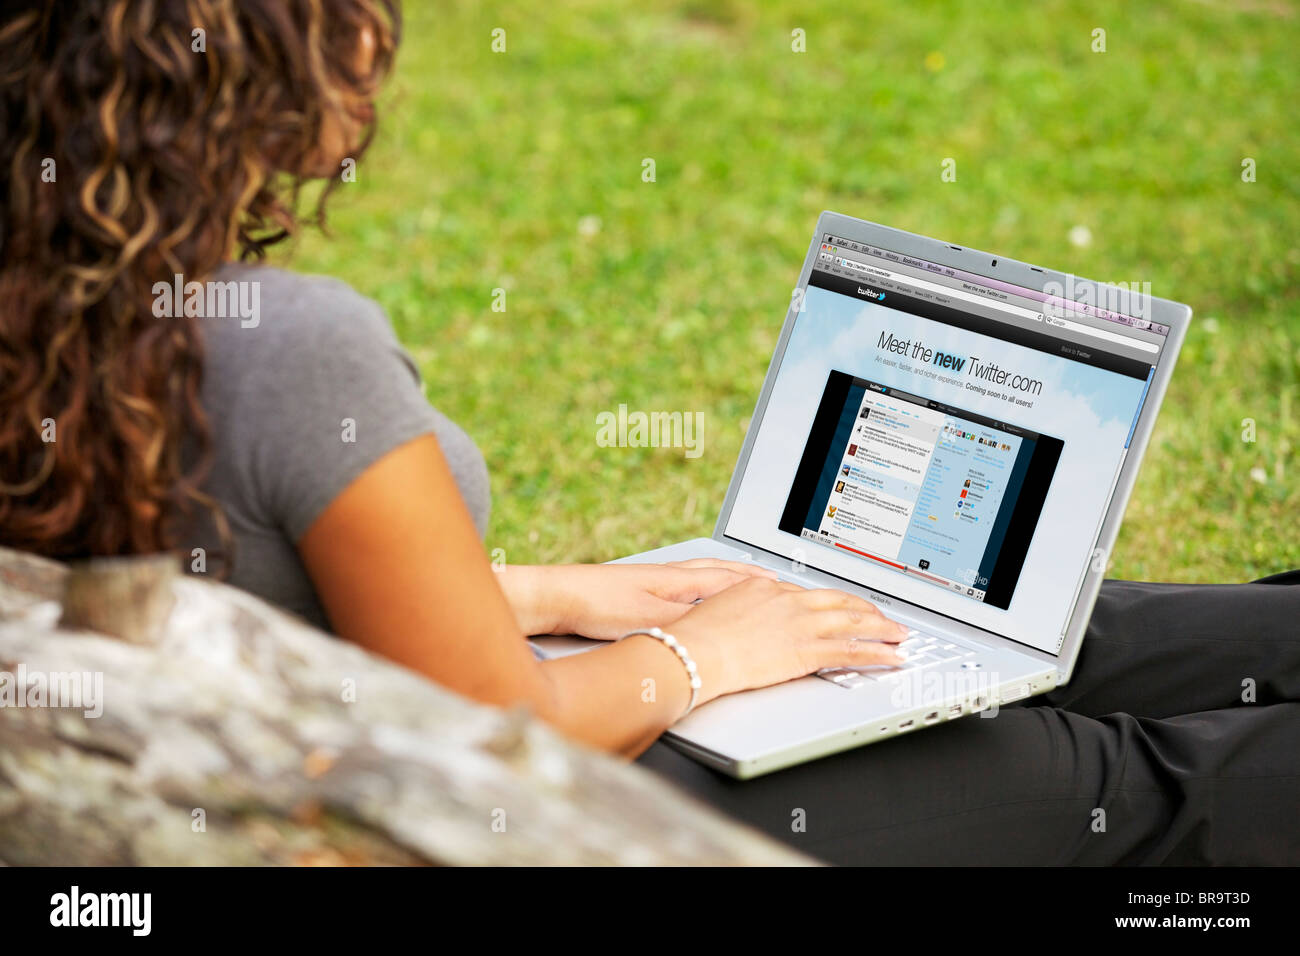 Mujer joven control de la nueva página de Twitter online en un portátil a solas en el parque Imagen De Stock